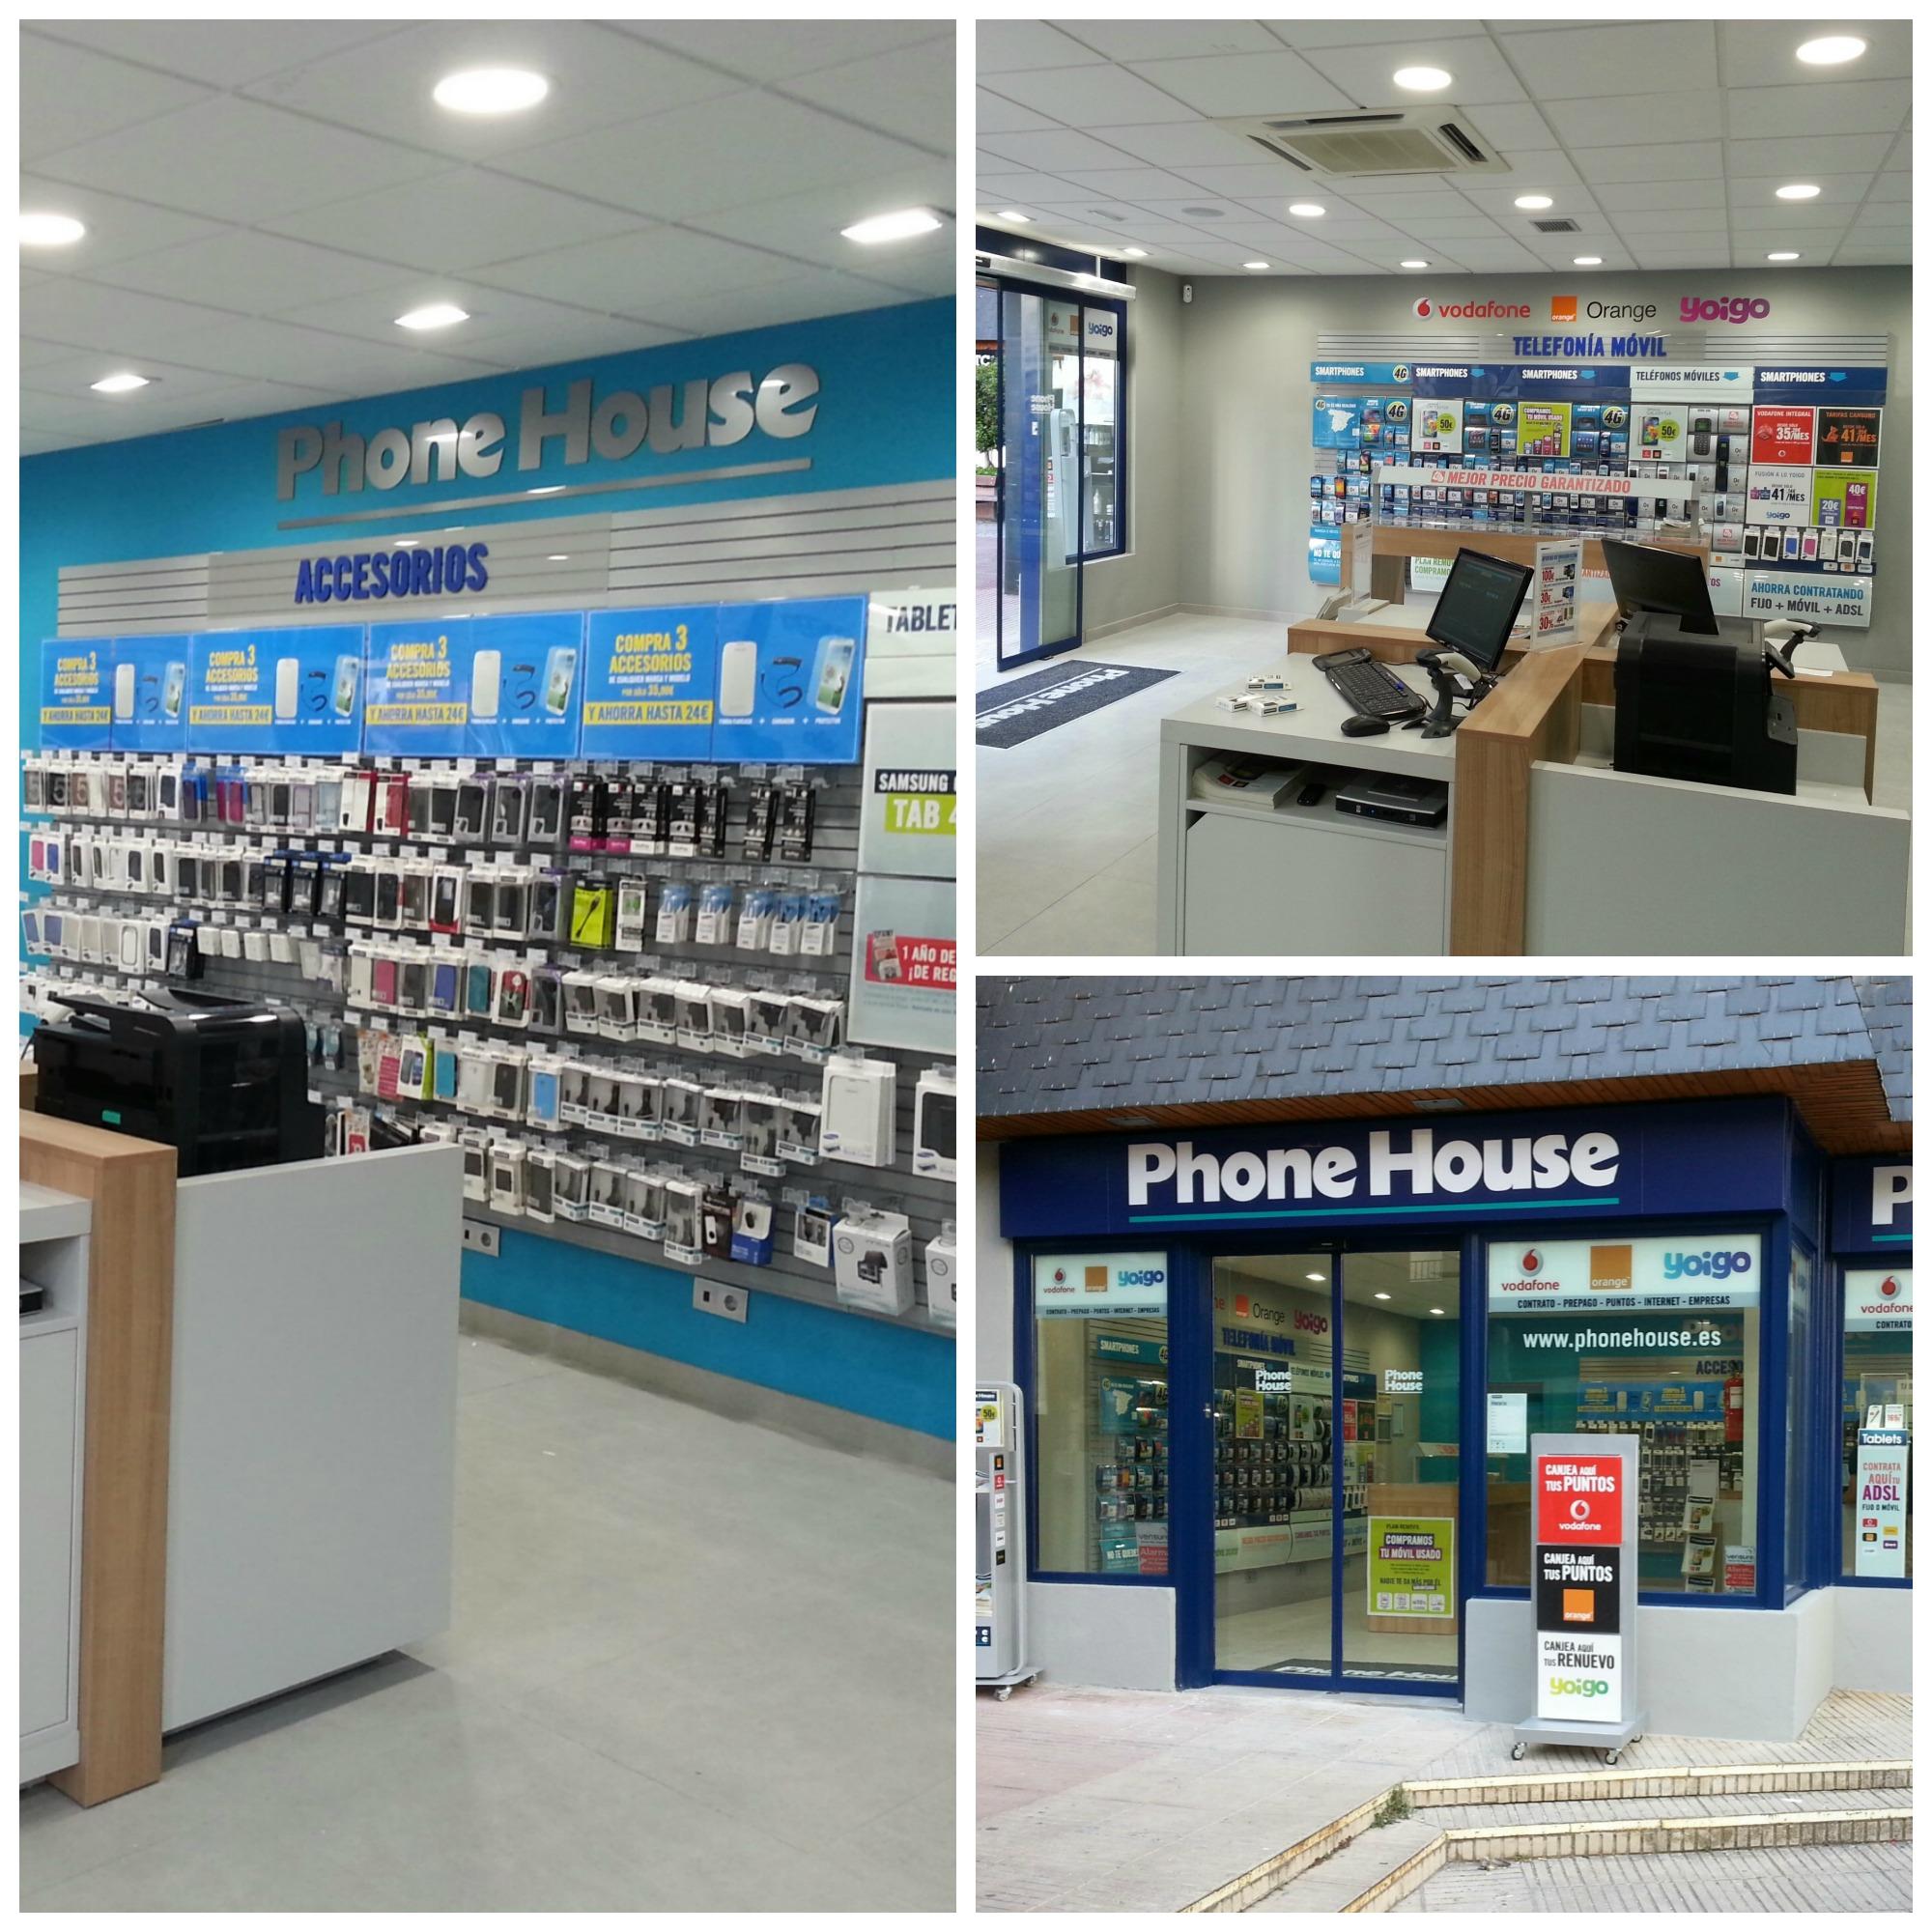 Las tiendas Phone House consumen un 25% menos de energía